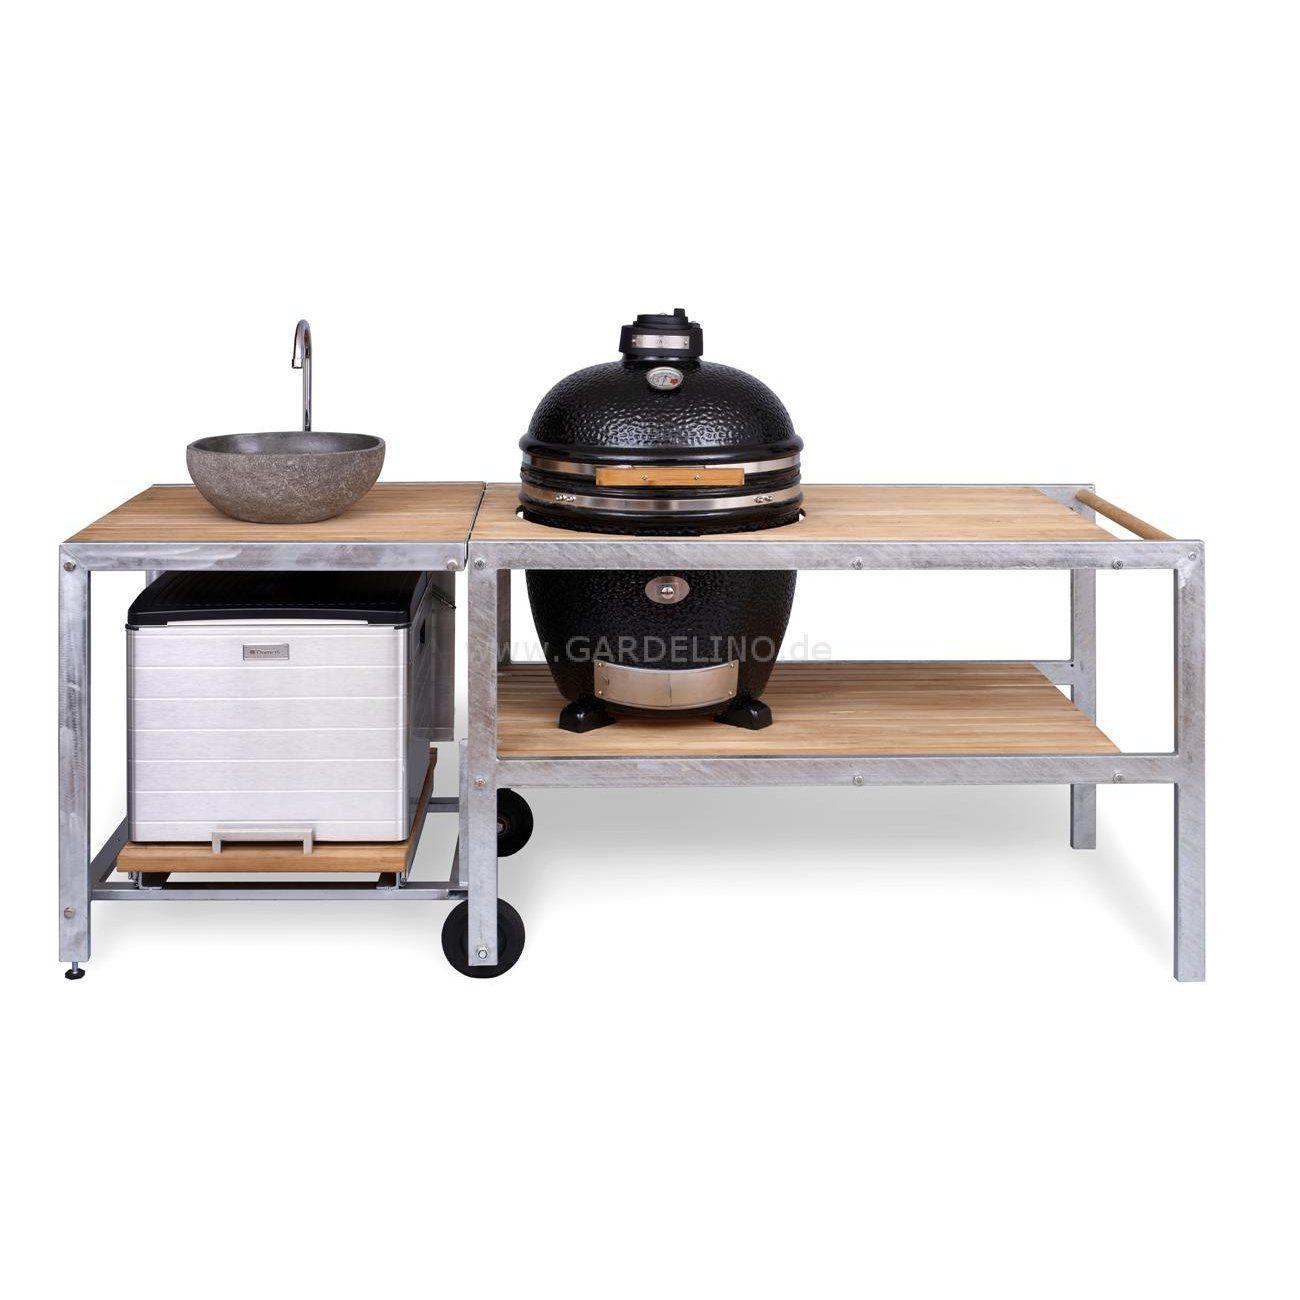 outdoork che mit monolith grill sp le und garda m bel pinterest grill z une und m bel. Black Bedroom Furniture Sets. Home Design Ideas